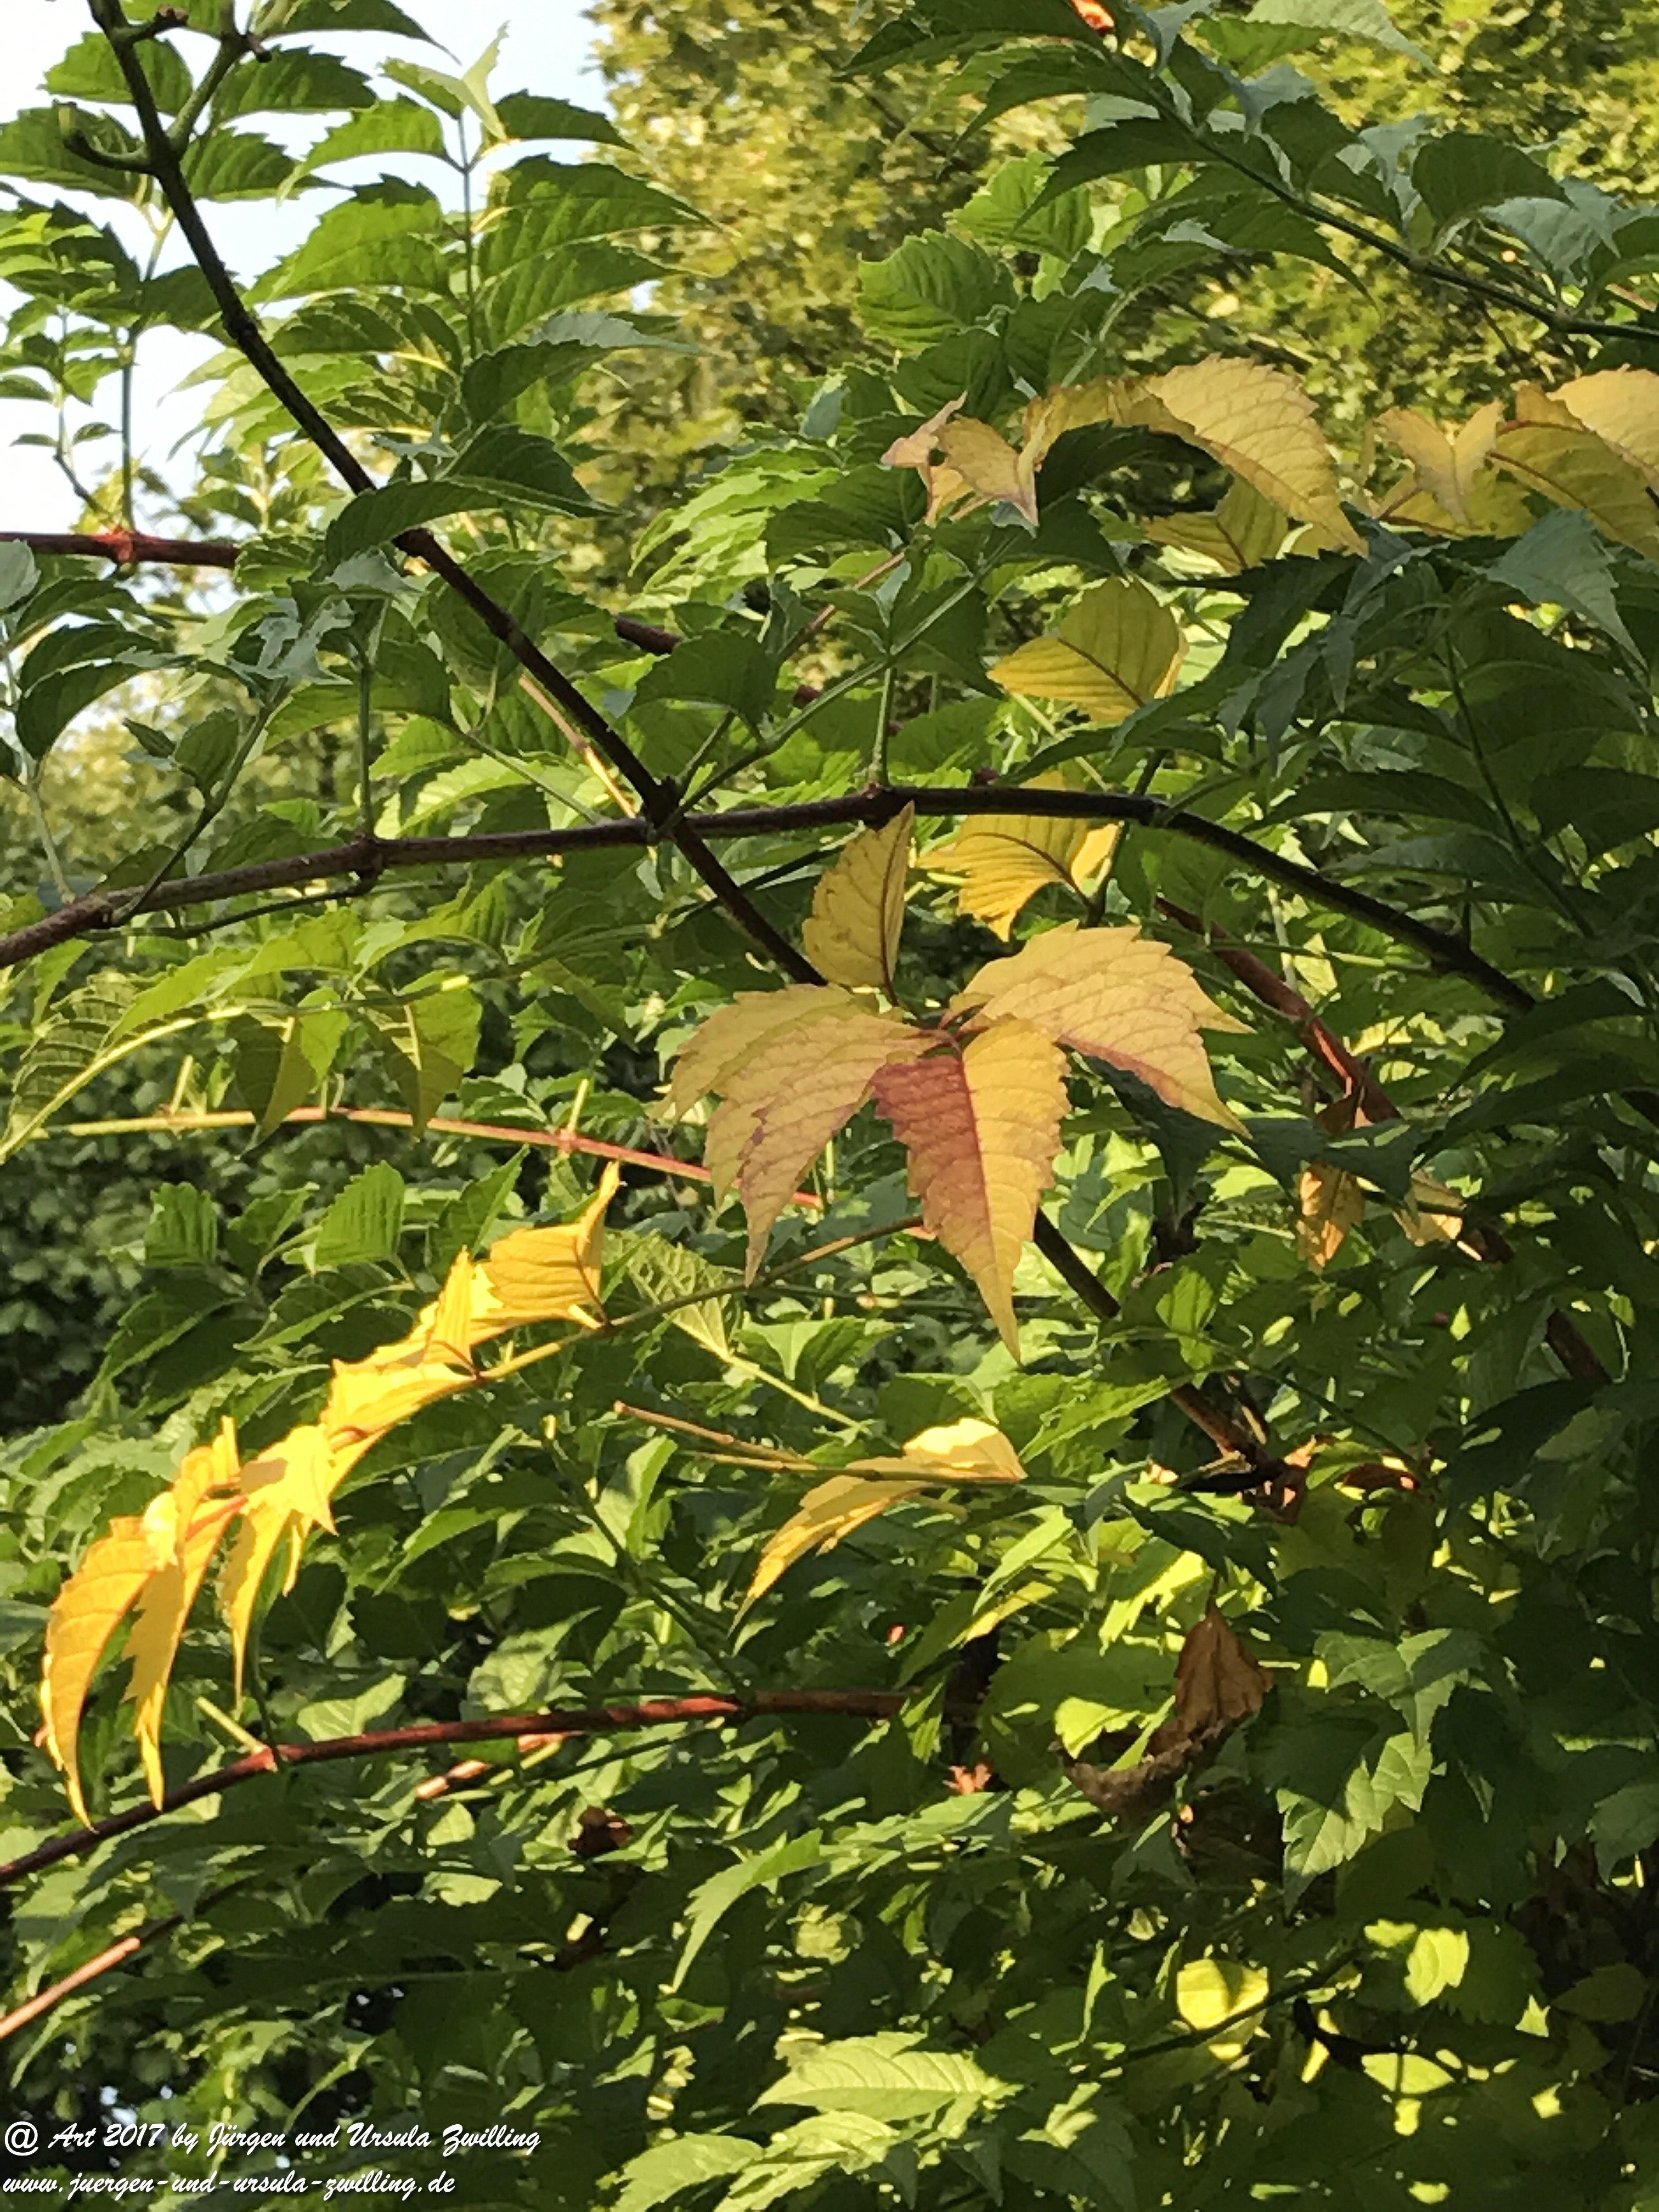 Herbst - Bote im Garten